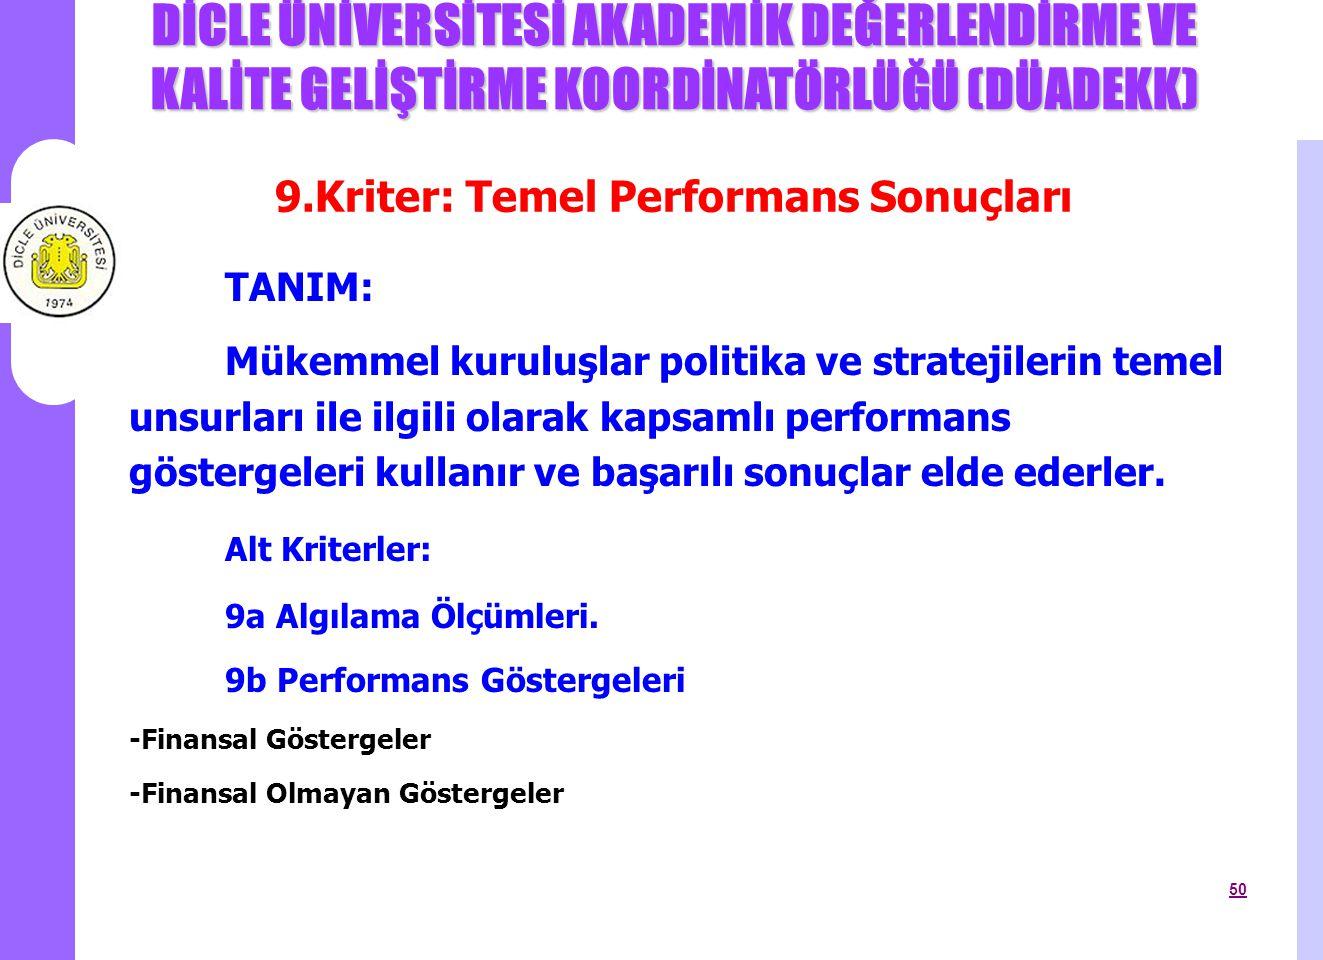 9.Kriter: Temel Performans Sonuçları